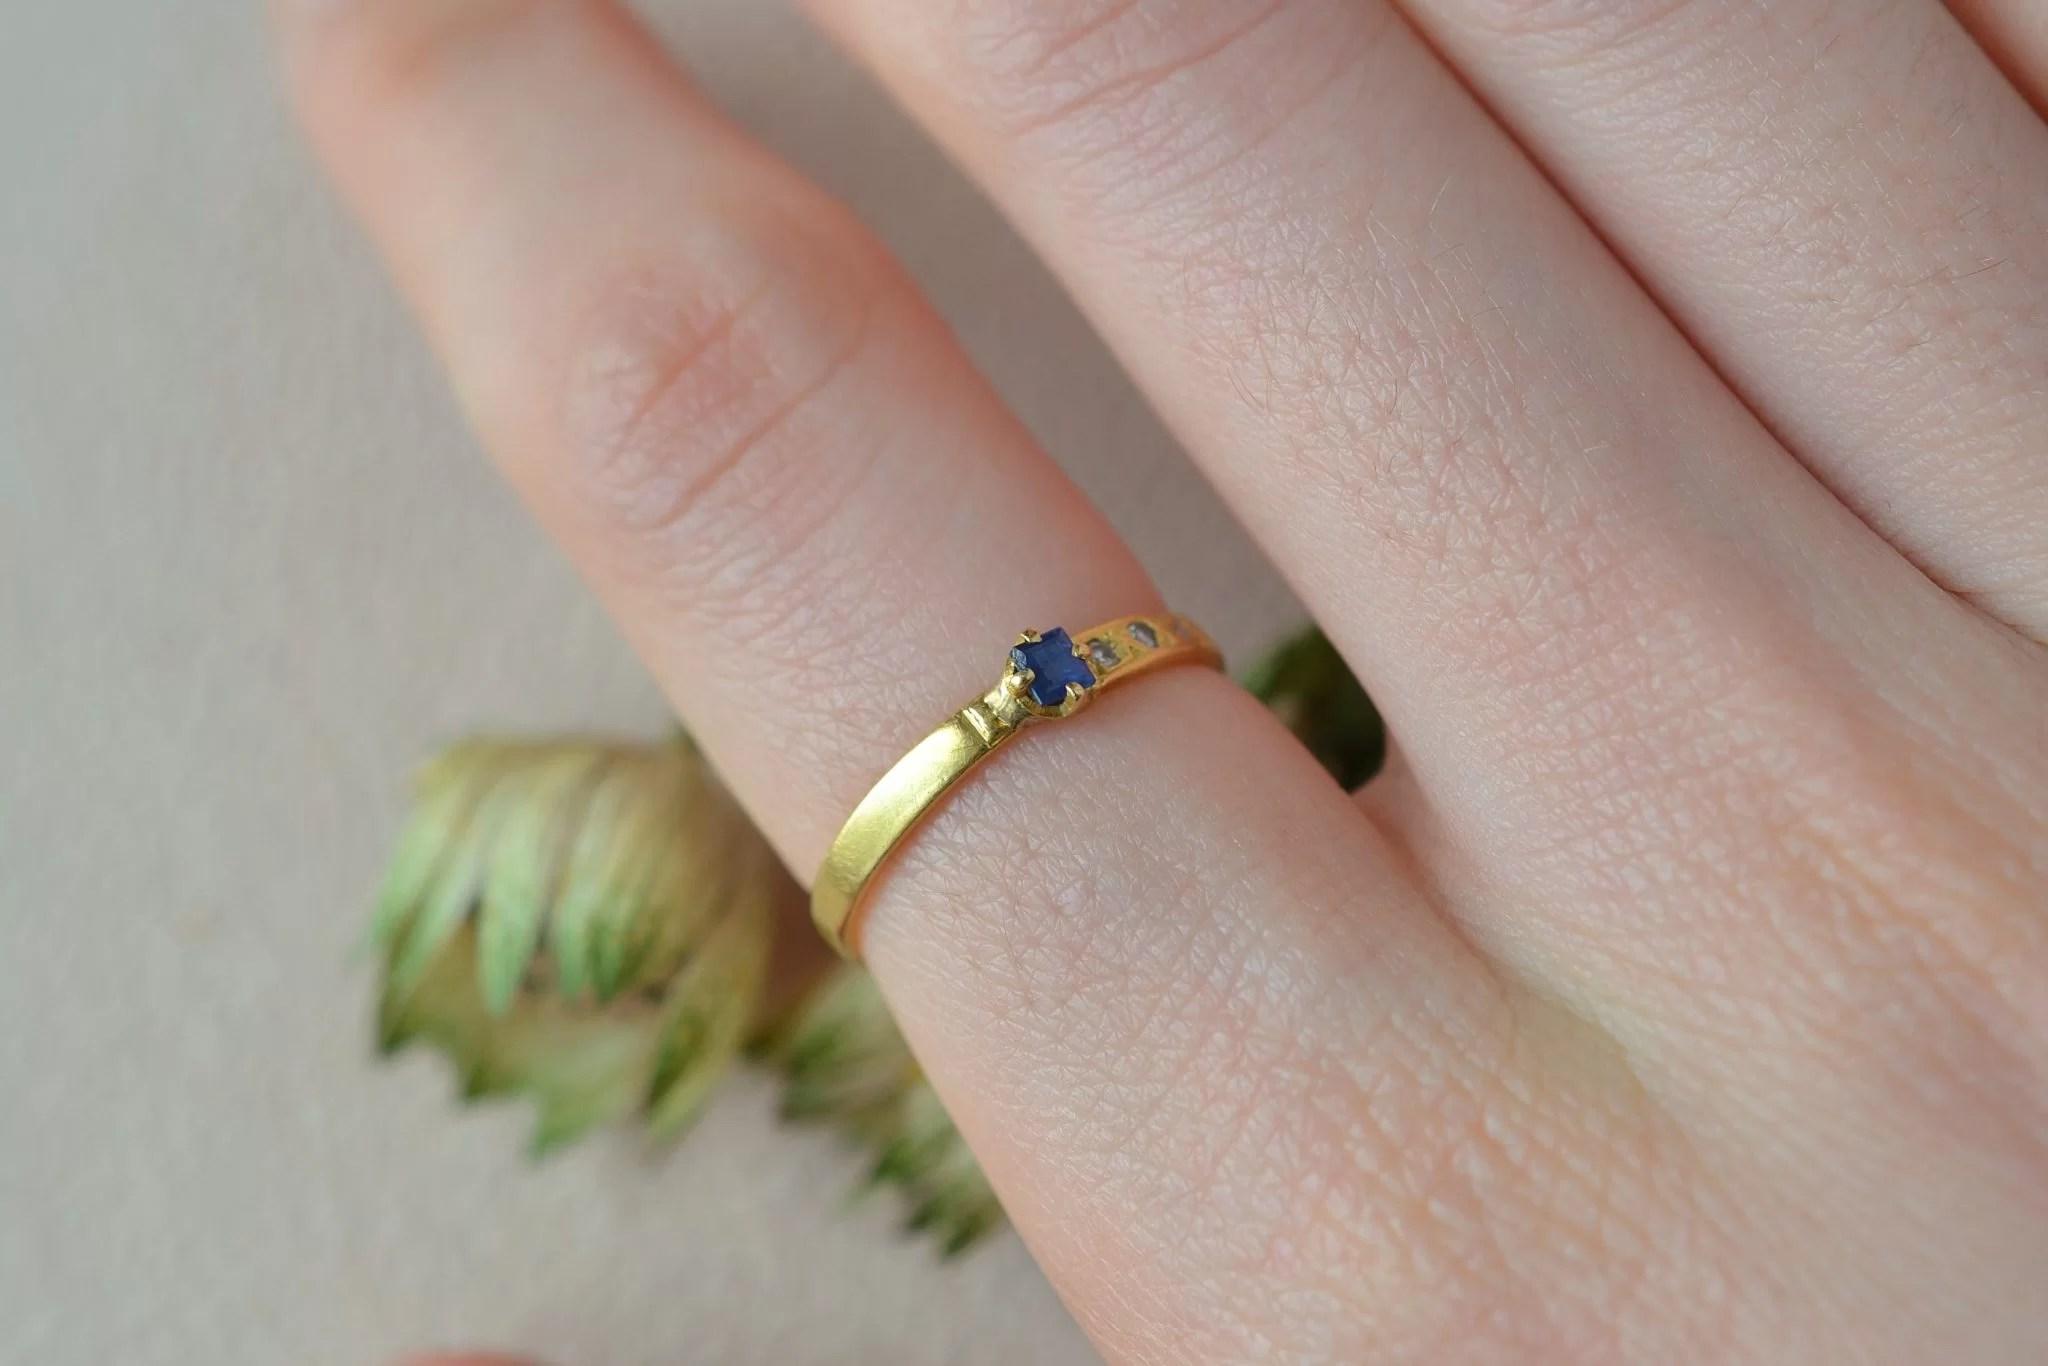 Bague fine en Or jaune sertie d_un saphir carré accompagné d_un trio de diamants - bague d_occasion